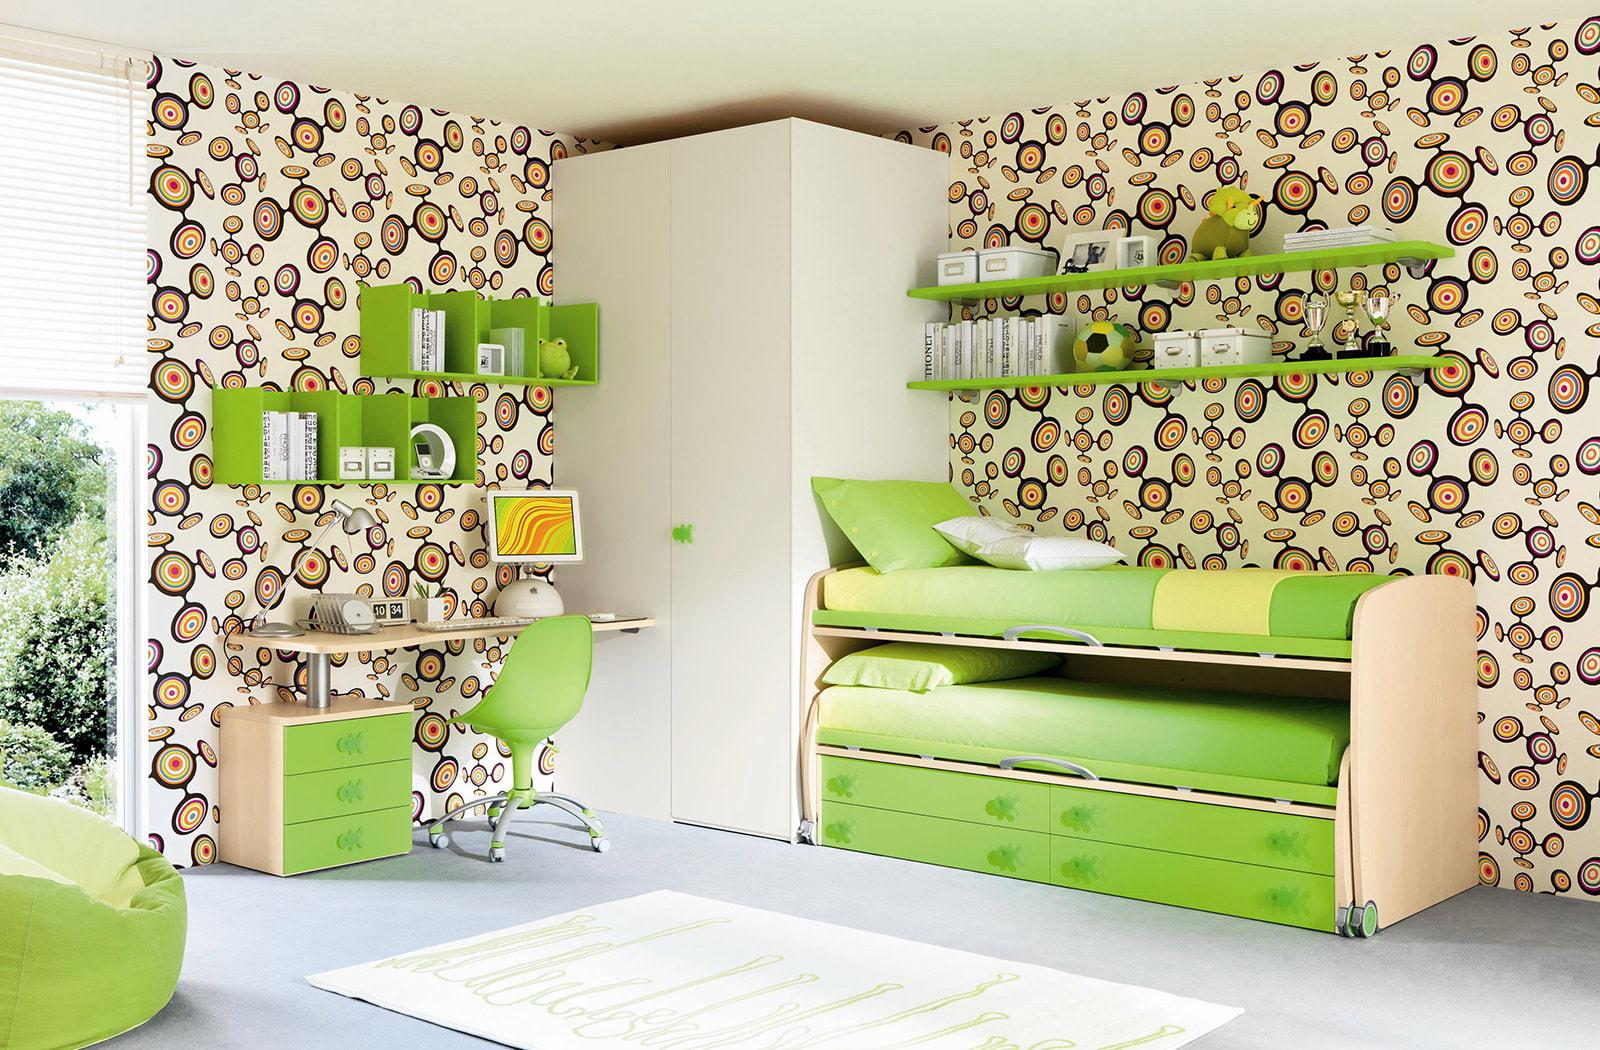 оформление стен в детской в зелёном цвете